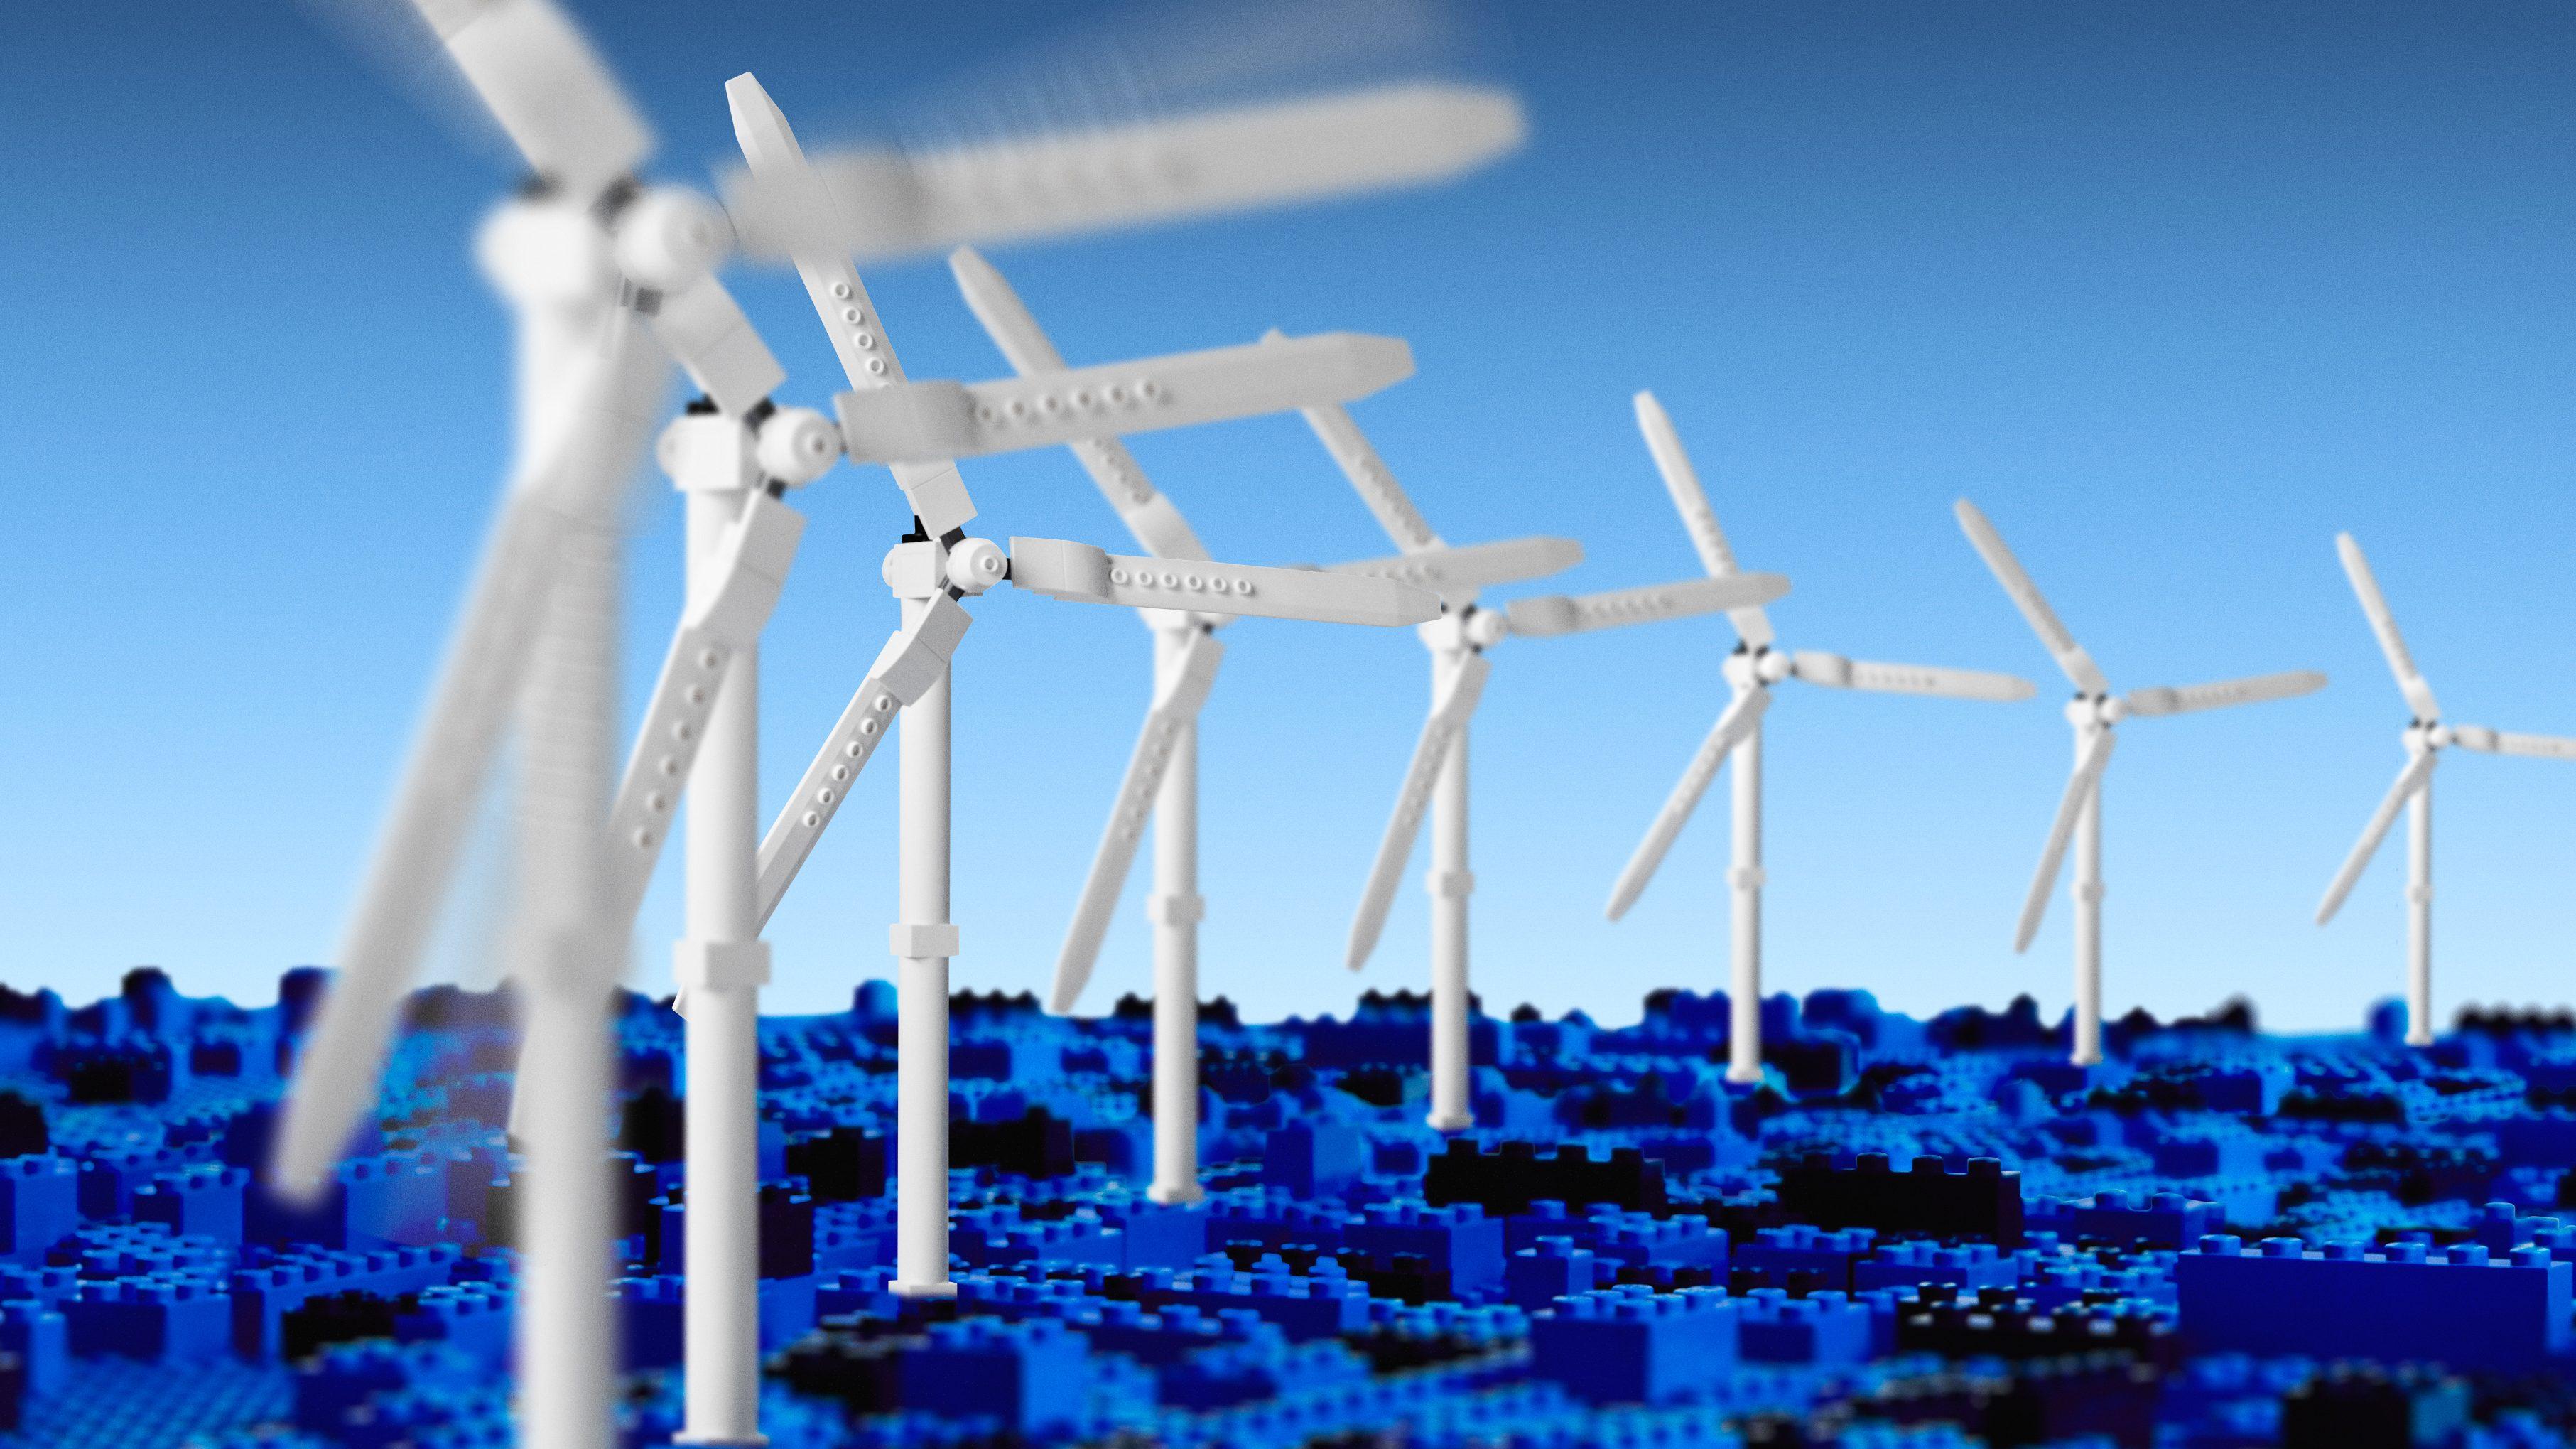 Wind turbines made of Lego bricks.